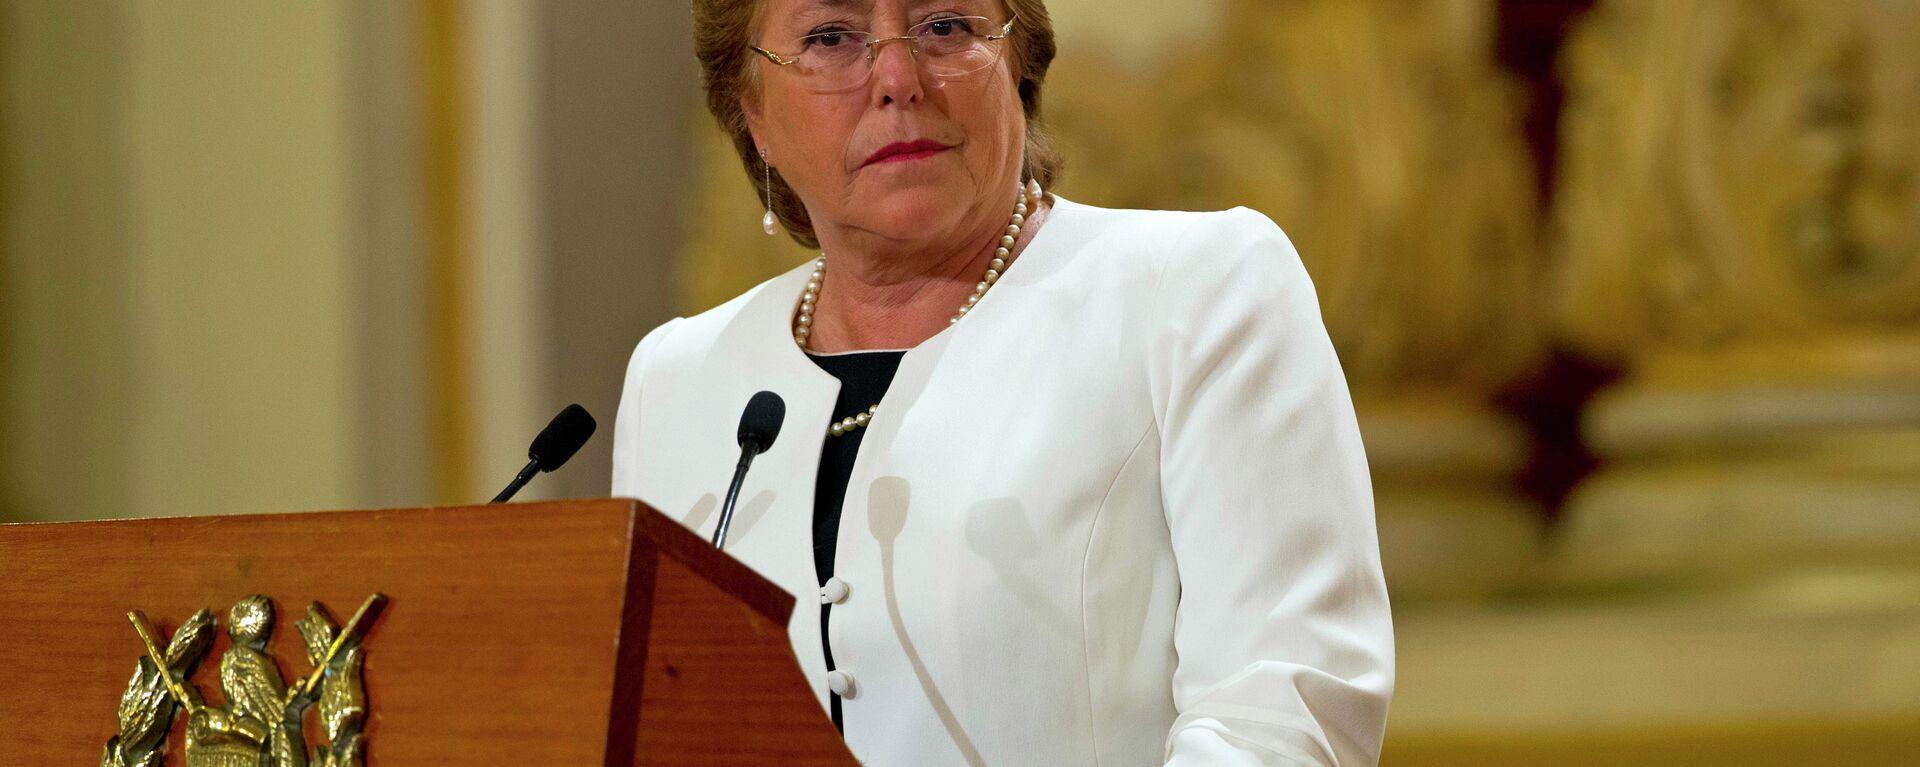 Michelle Bachelet, Alta Comisionada de la ONU para los Derechos Humanos - Sputnik Mundo, 1920, 11.03.2021